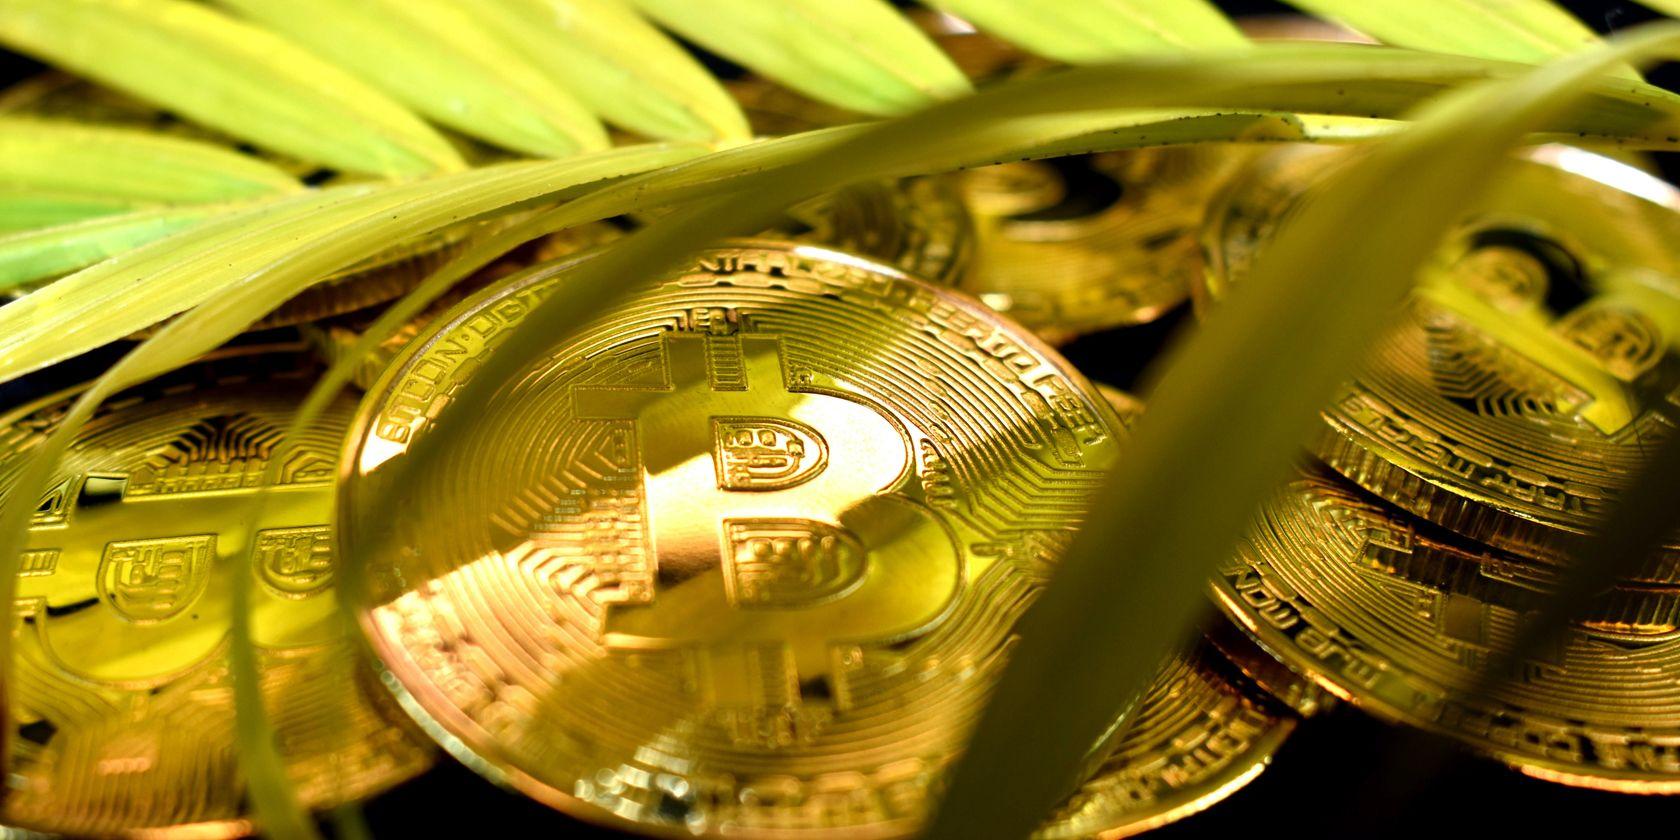 The Top 5 Environmentally Friendly Bitcoin Alternatives